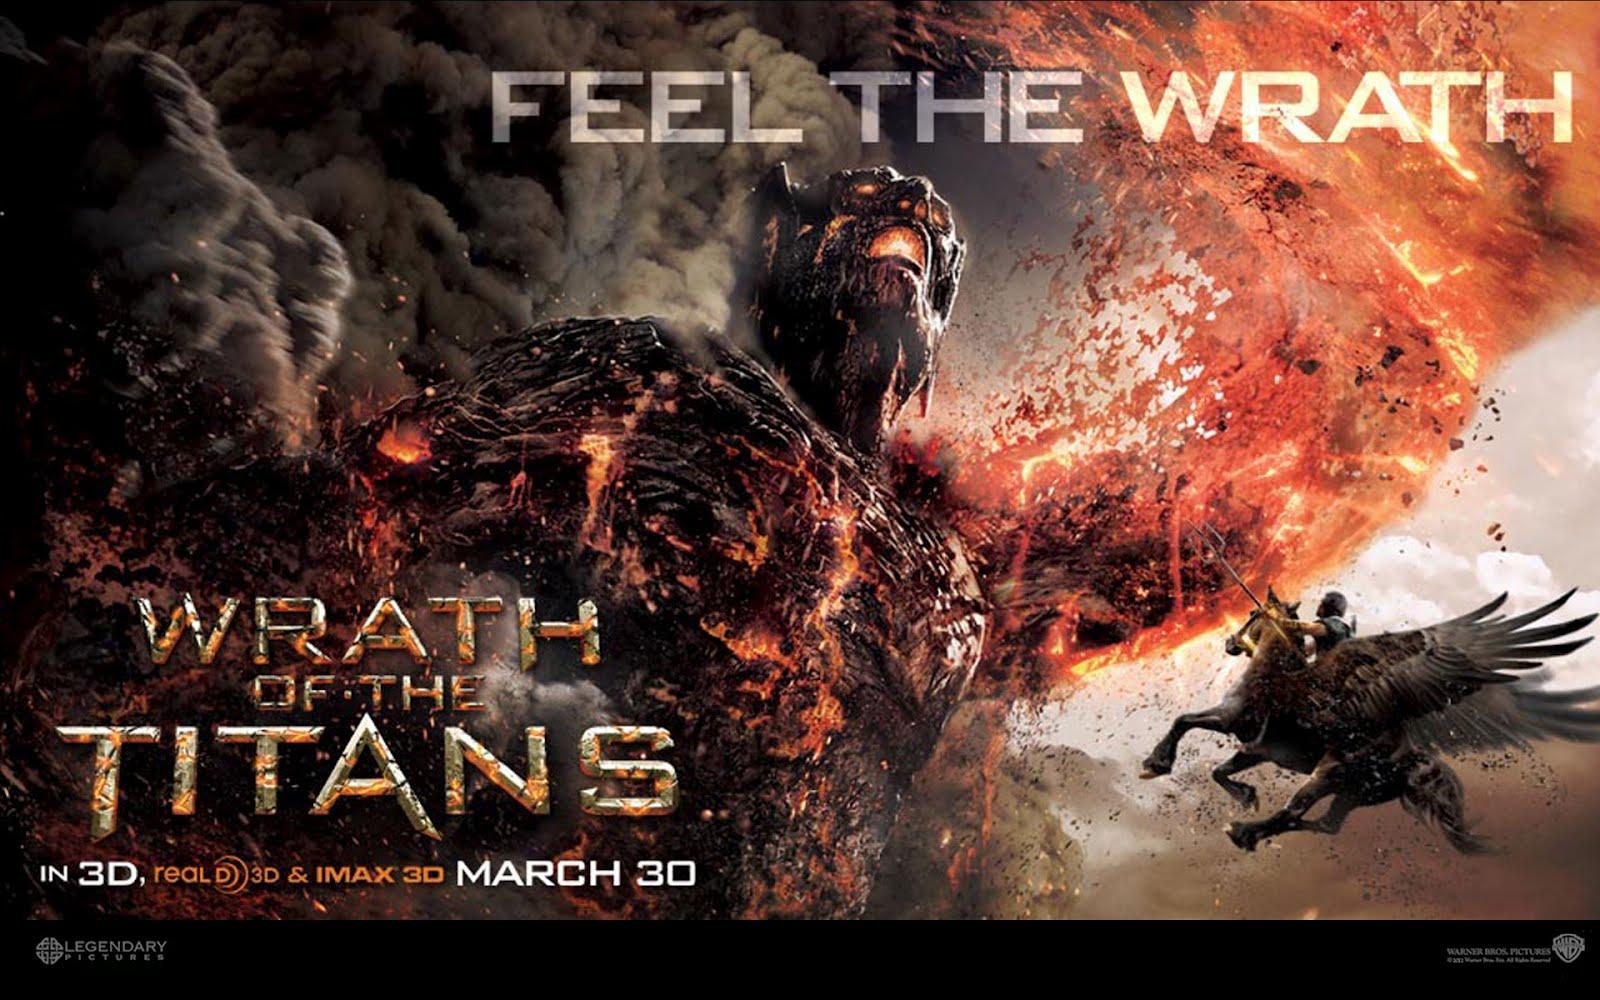 http://2.bp.blogspot.com/-CmJooSBFWzY/T4-wh-F9G2I/AAAAAAAABIQ/gAnX5z2kg4Q/s1600/ira_de_titanes_wrath_titans_1920x1200_wallpaper_1.jpg